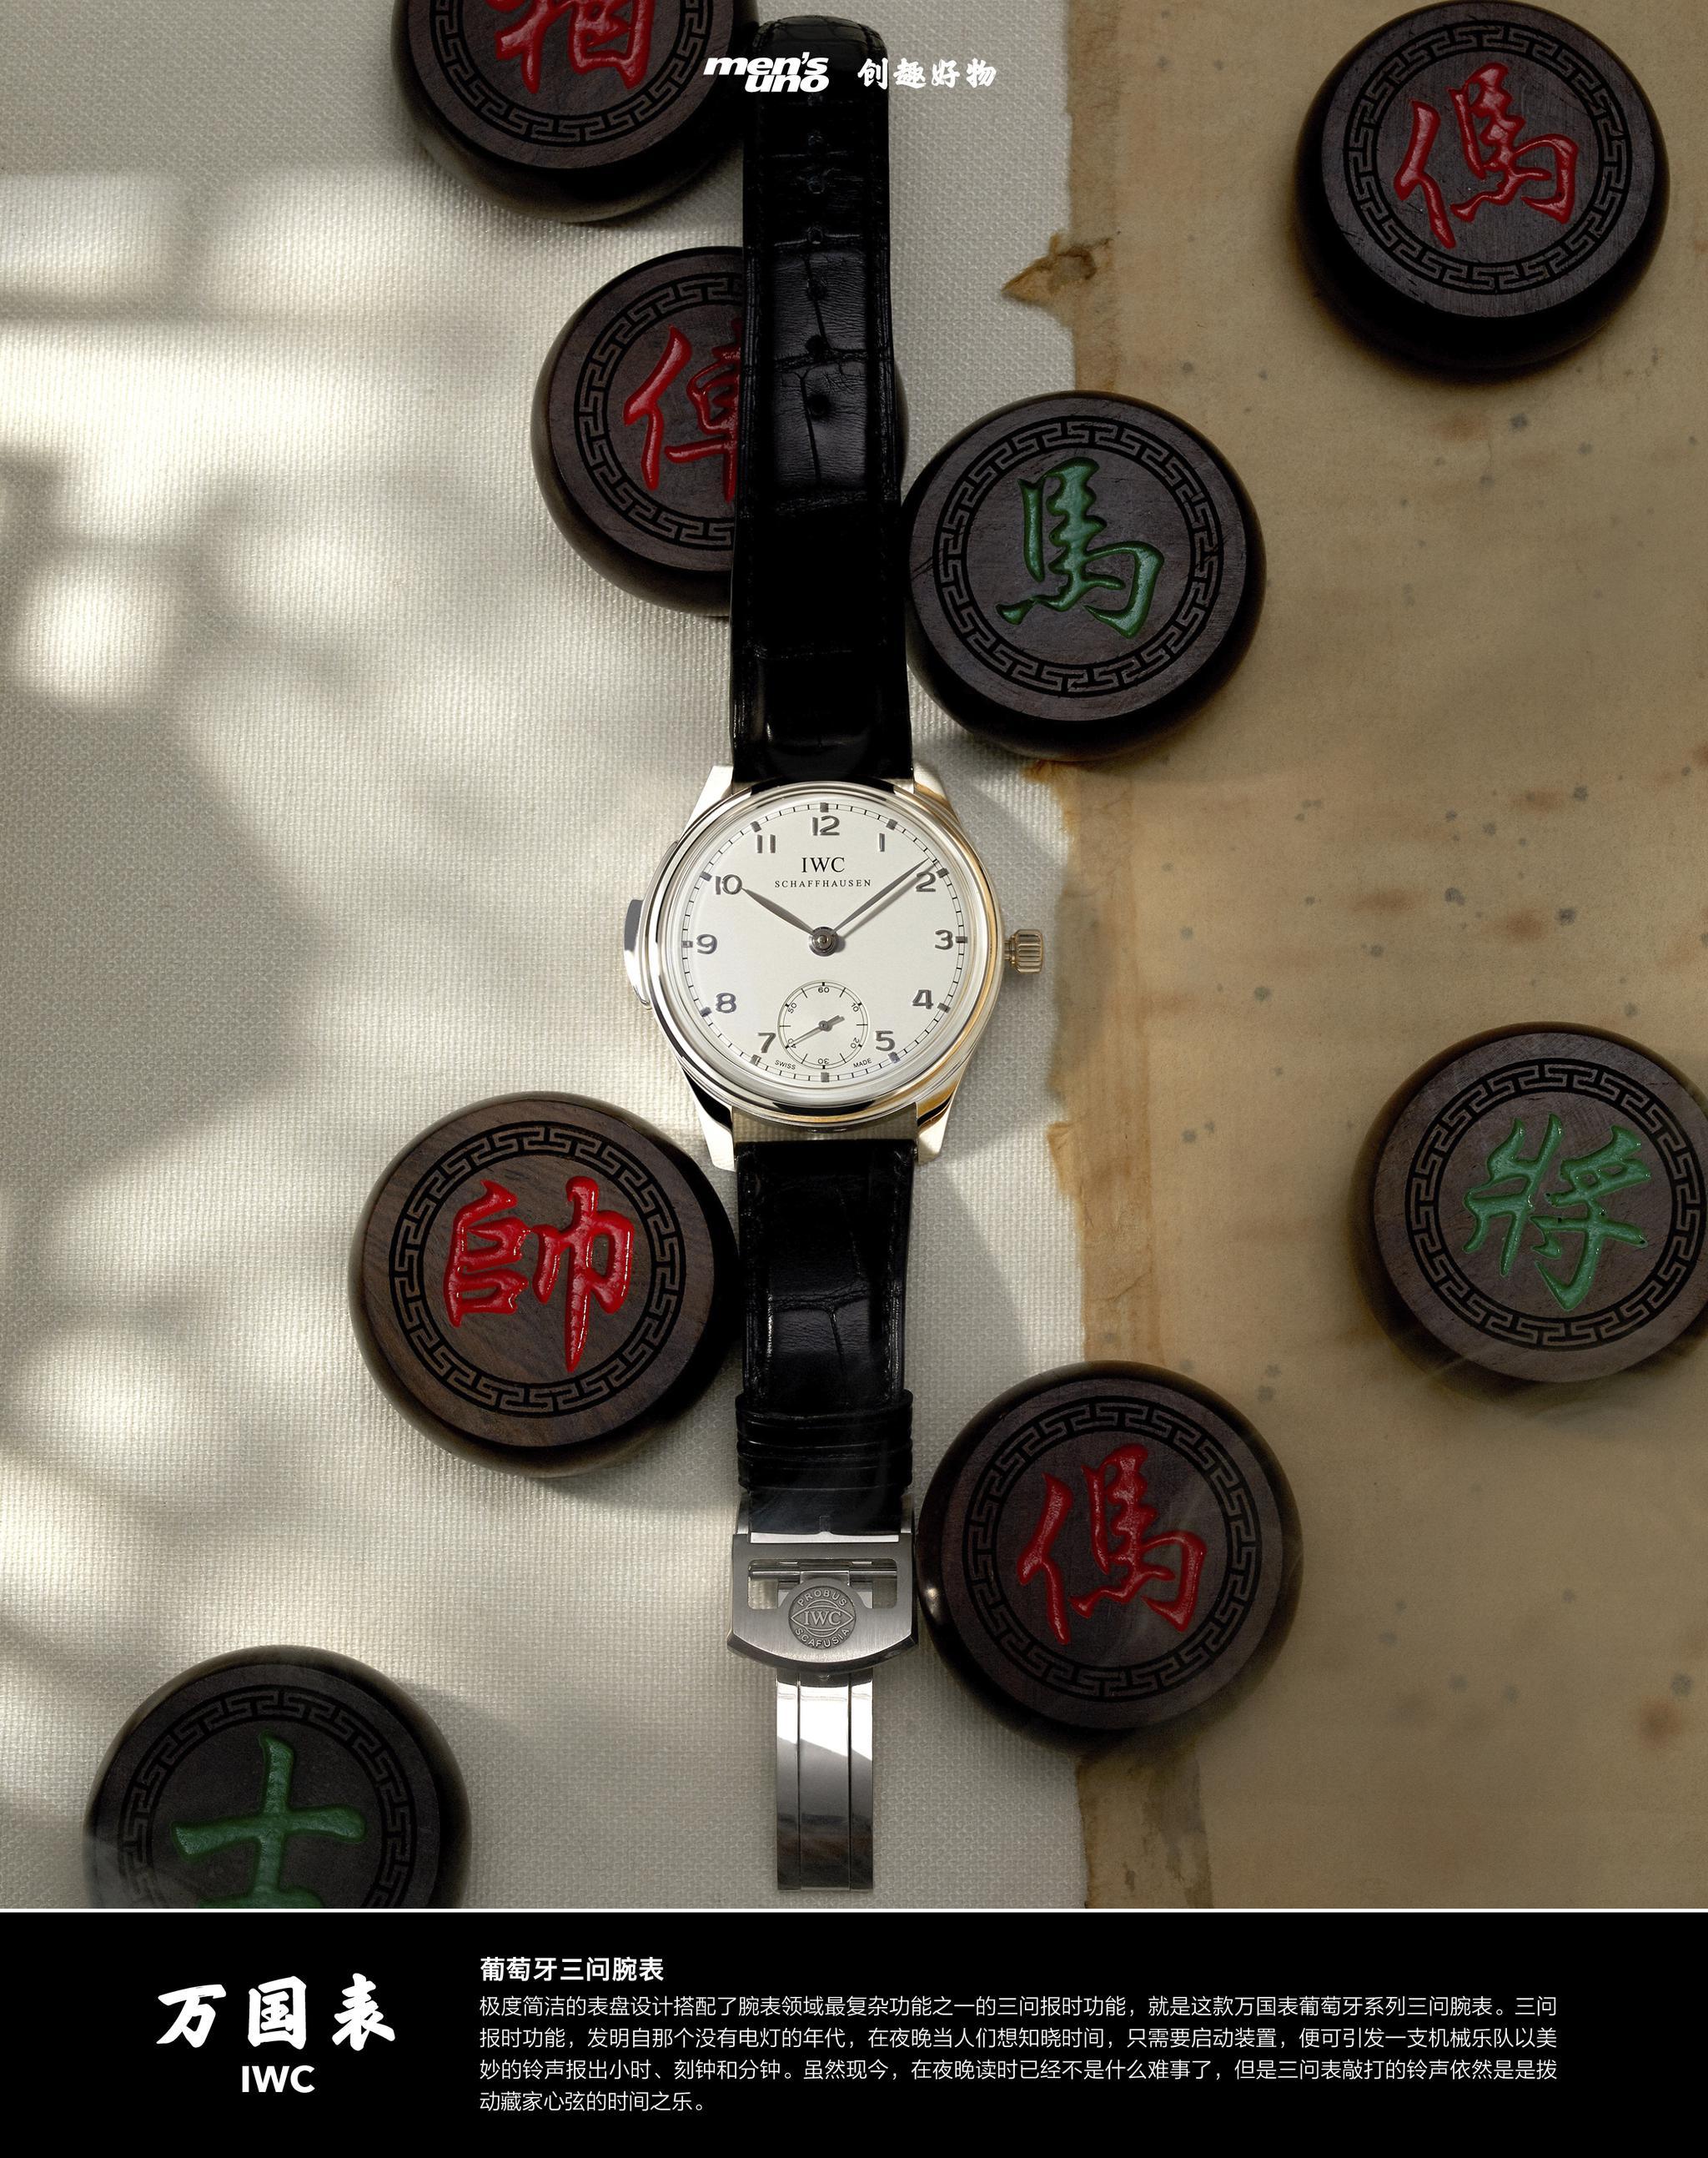 极度简洁的表盘设计搭配了腕表领域最复杂功能之一的三问报时功能